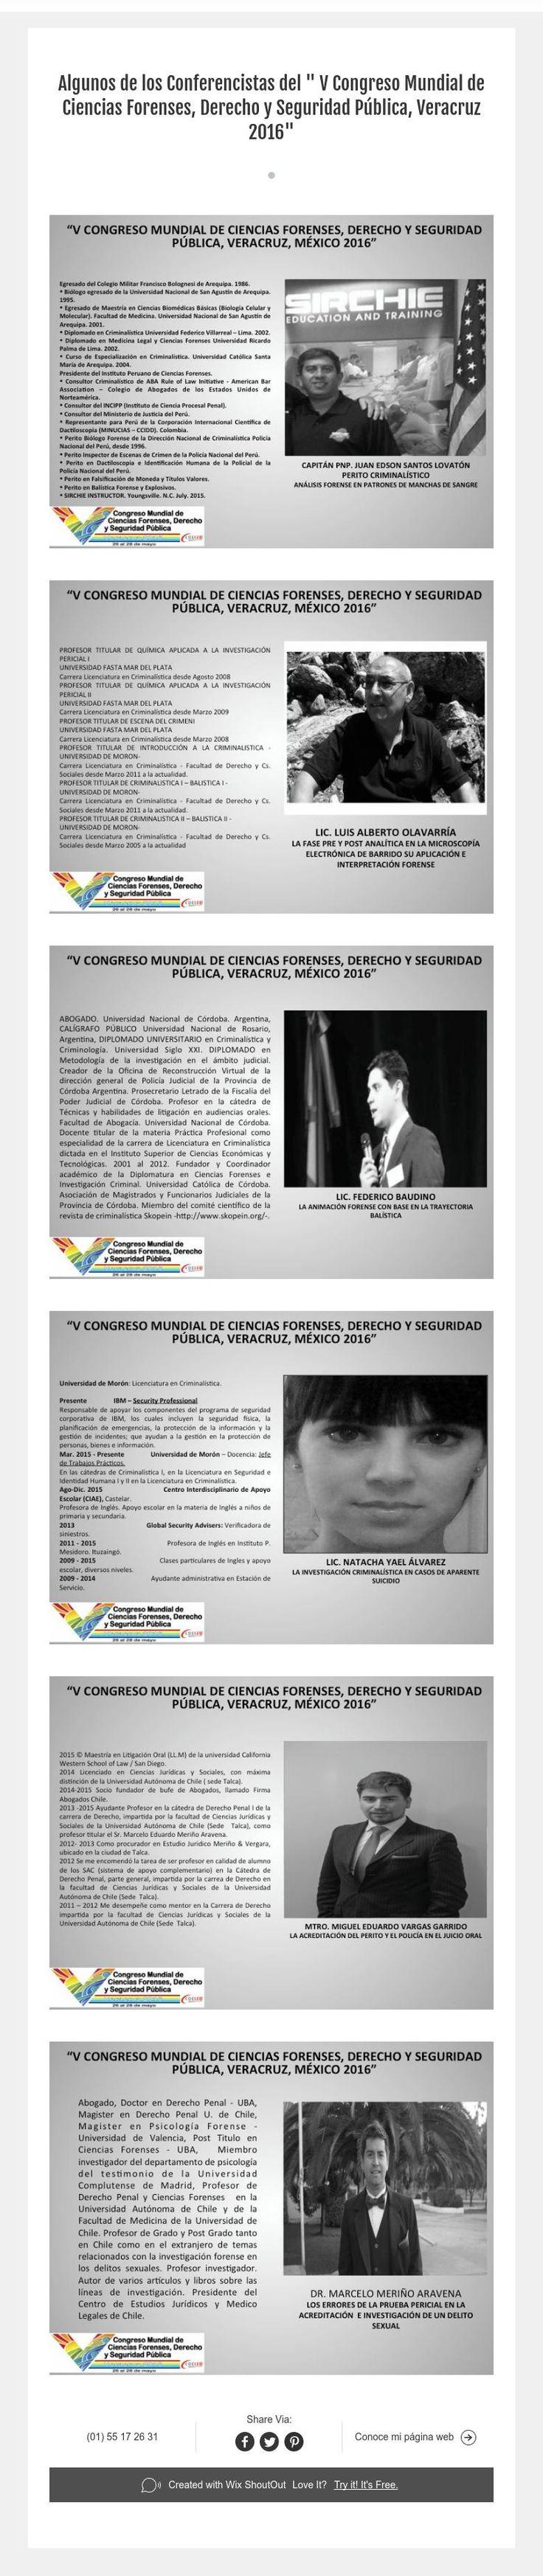 """"""" V Congreso Mundial de Ciencias Forenses, Derecho y Seguridad Pública, Veracruz 2016"""""""